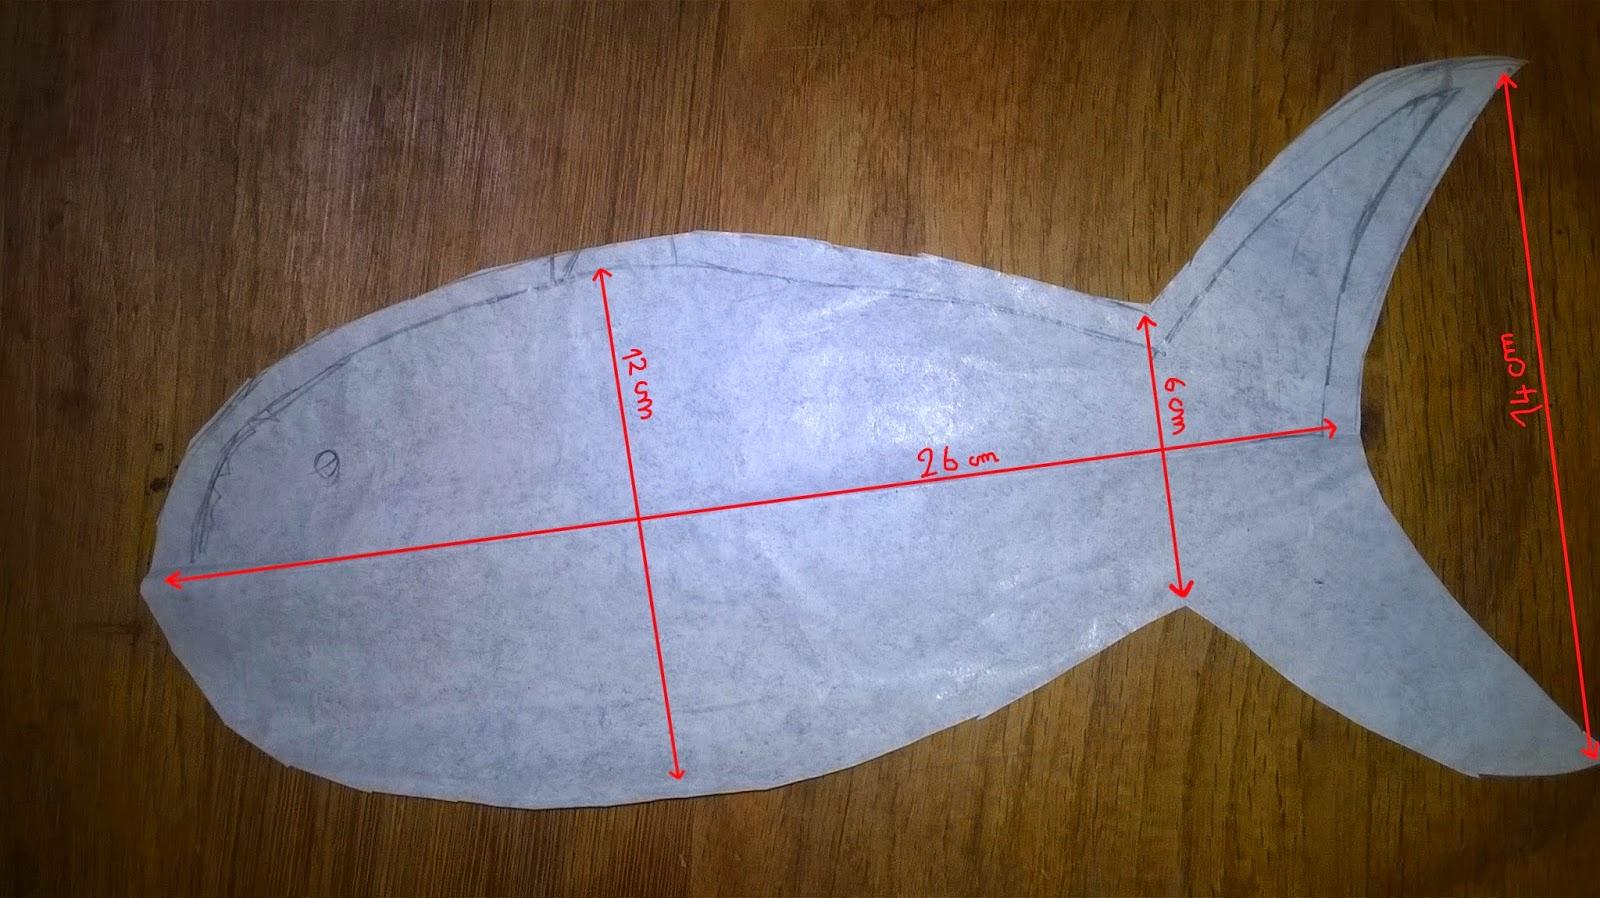 Fabriquer Une Tour A Poisson monde Å jù: fabriquer une trousse requin.